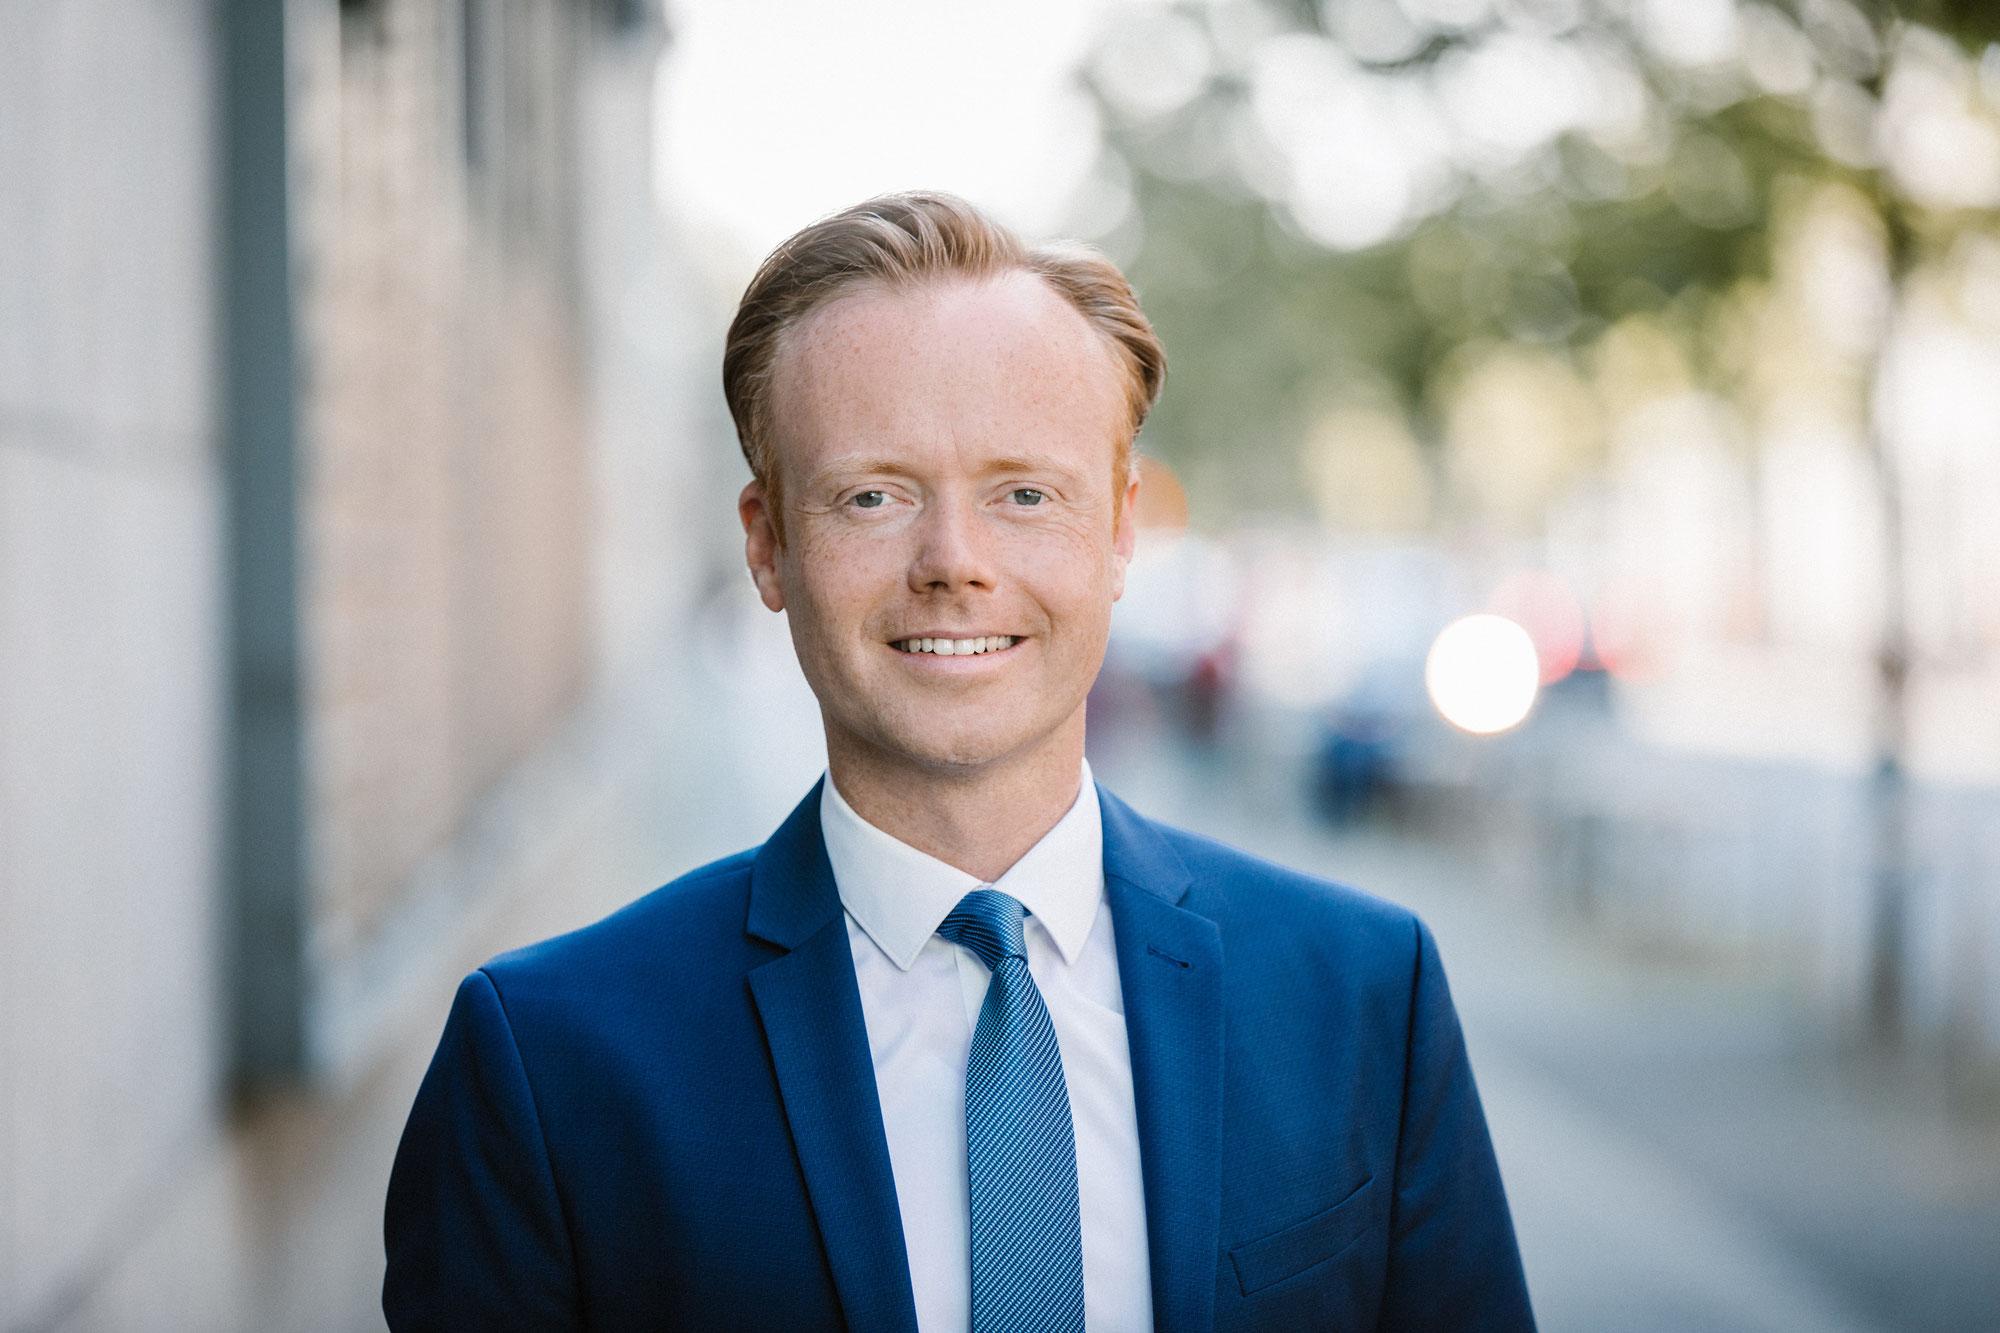 Jan Metzler ruft auf zur Teilnahme an Juniorwahl 2021